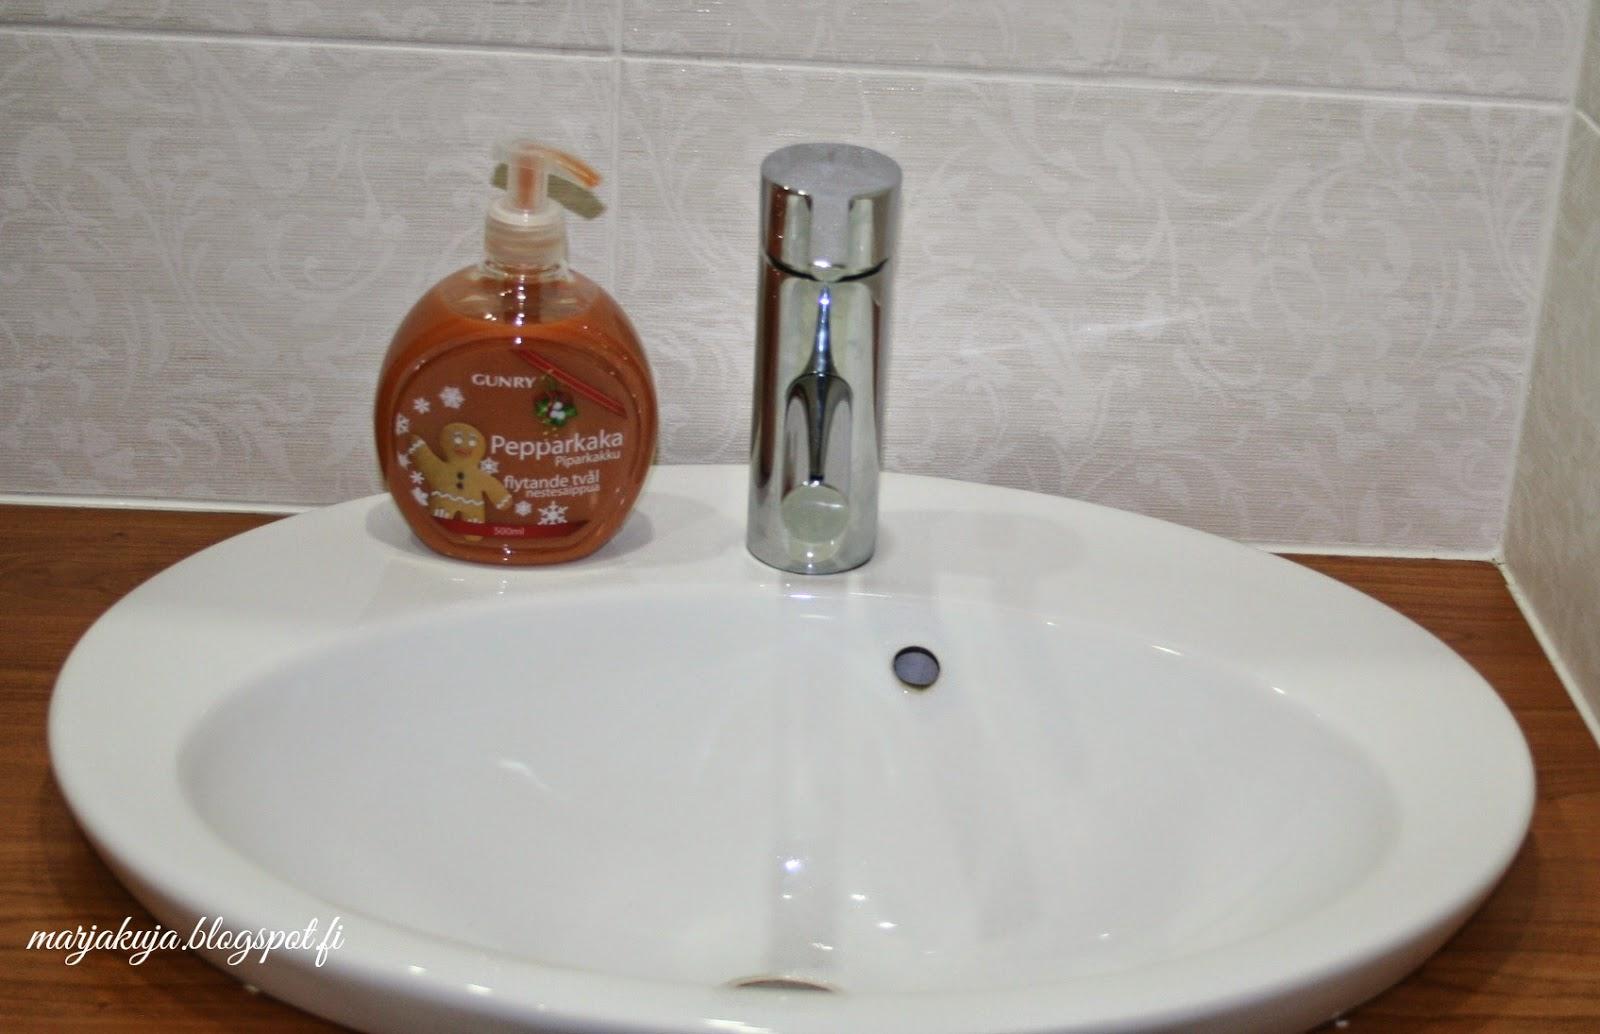 Piparkakku saippua